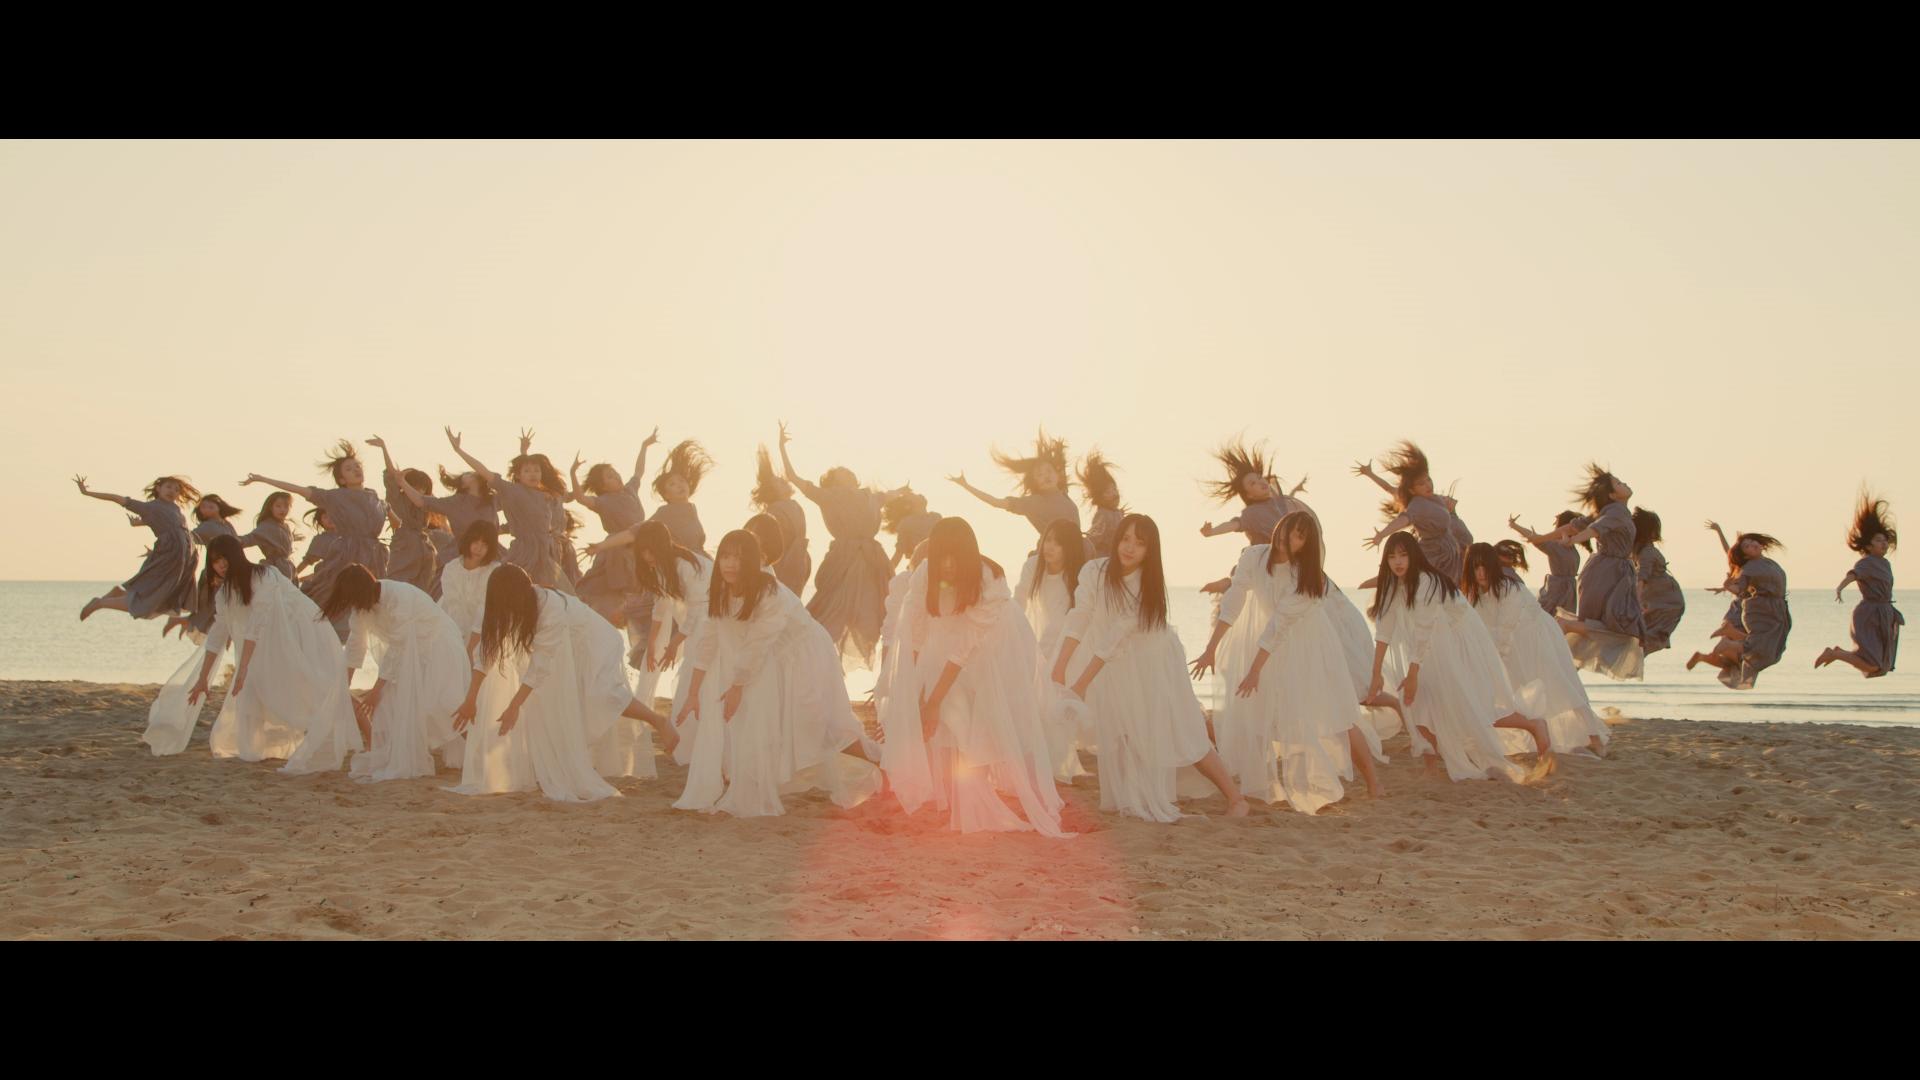 4thシングル曲「無謀な夢は覚めることがない」(C)STU/KING RECORDS